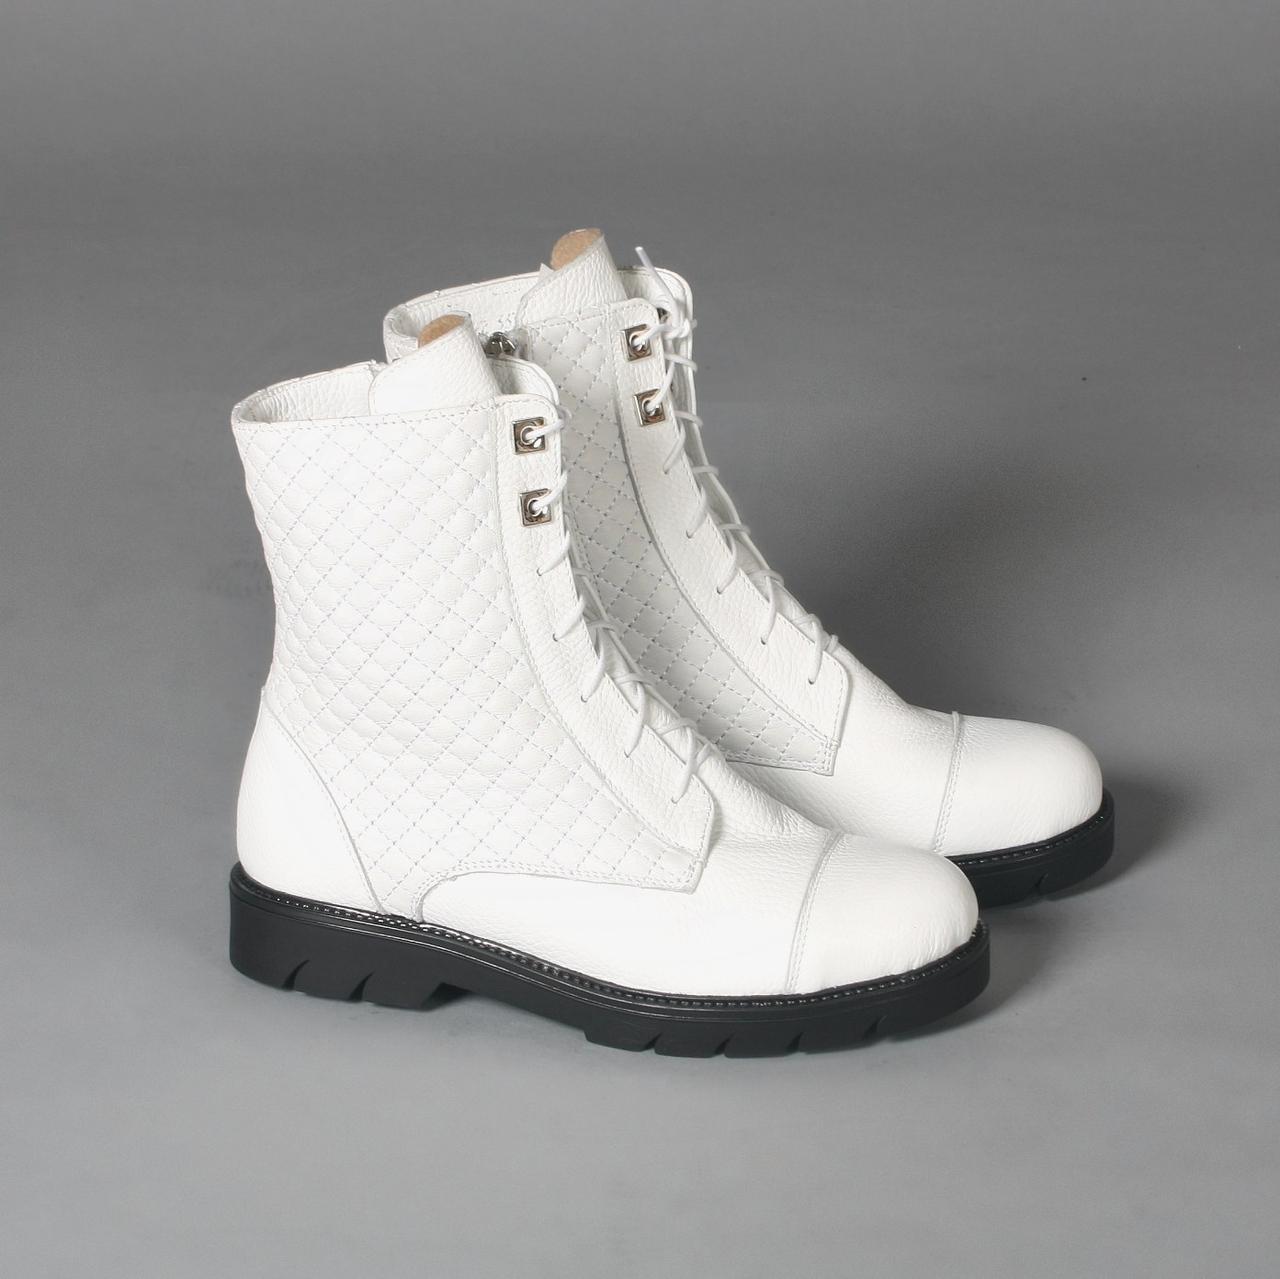 Ботинки женские белые кожаные на шнуровке, без каблука. Деми, зима. Цвет на выбор.